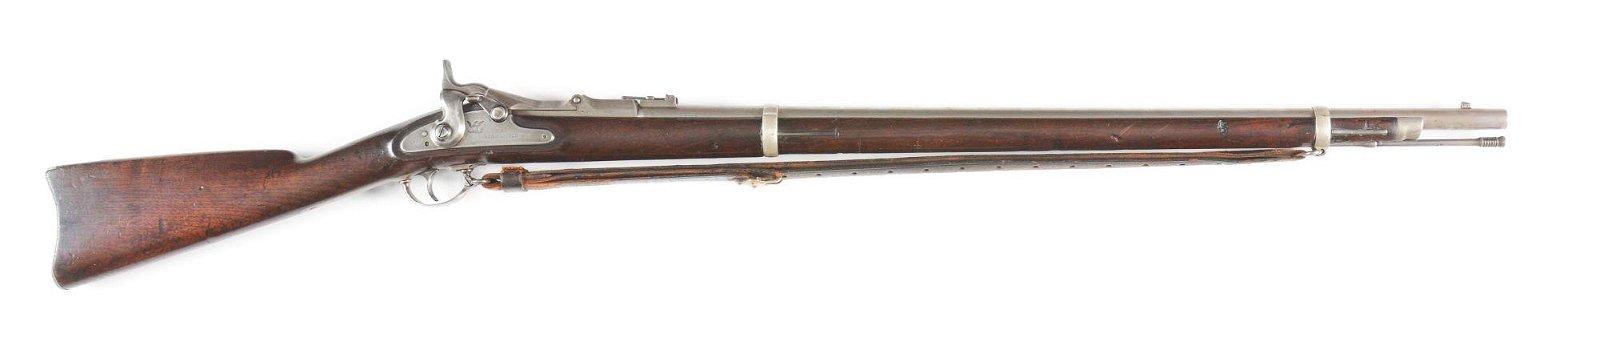 (A) SPRINGFIELD MODEL 1870 TRAPDOOR.